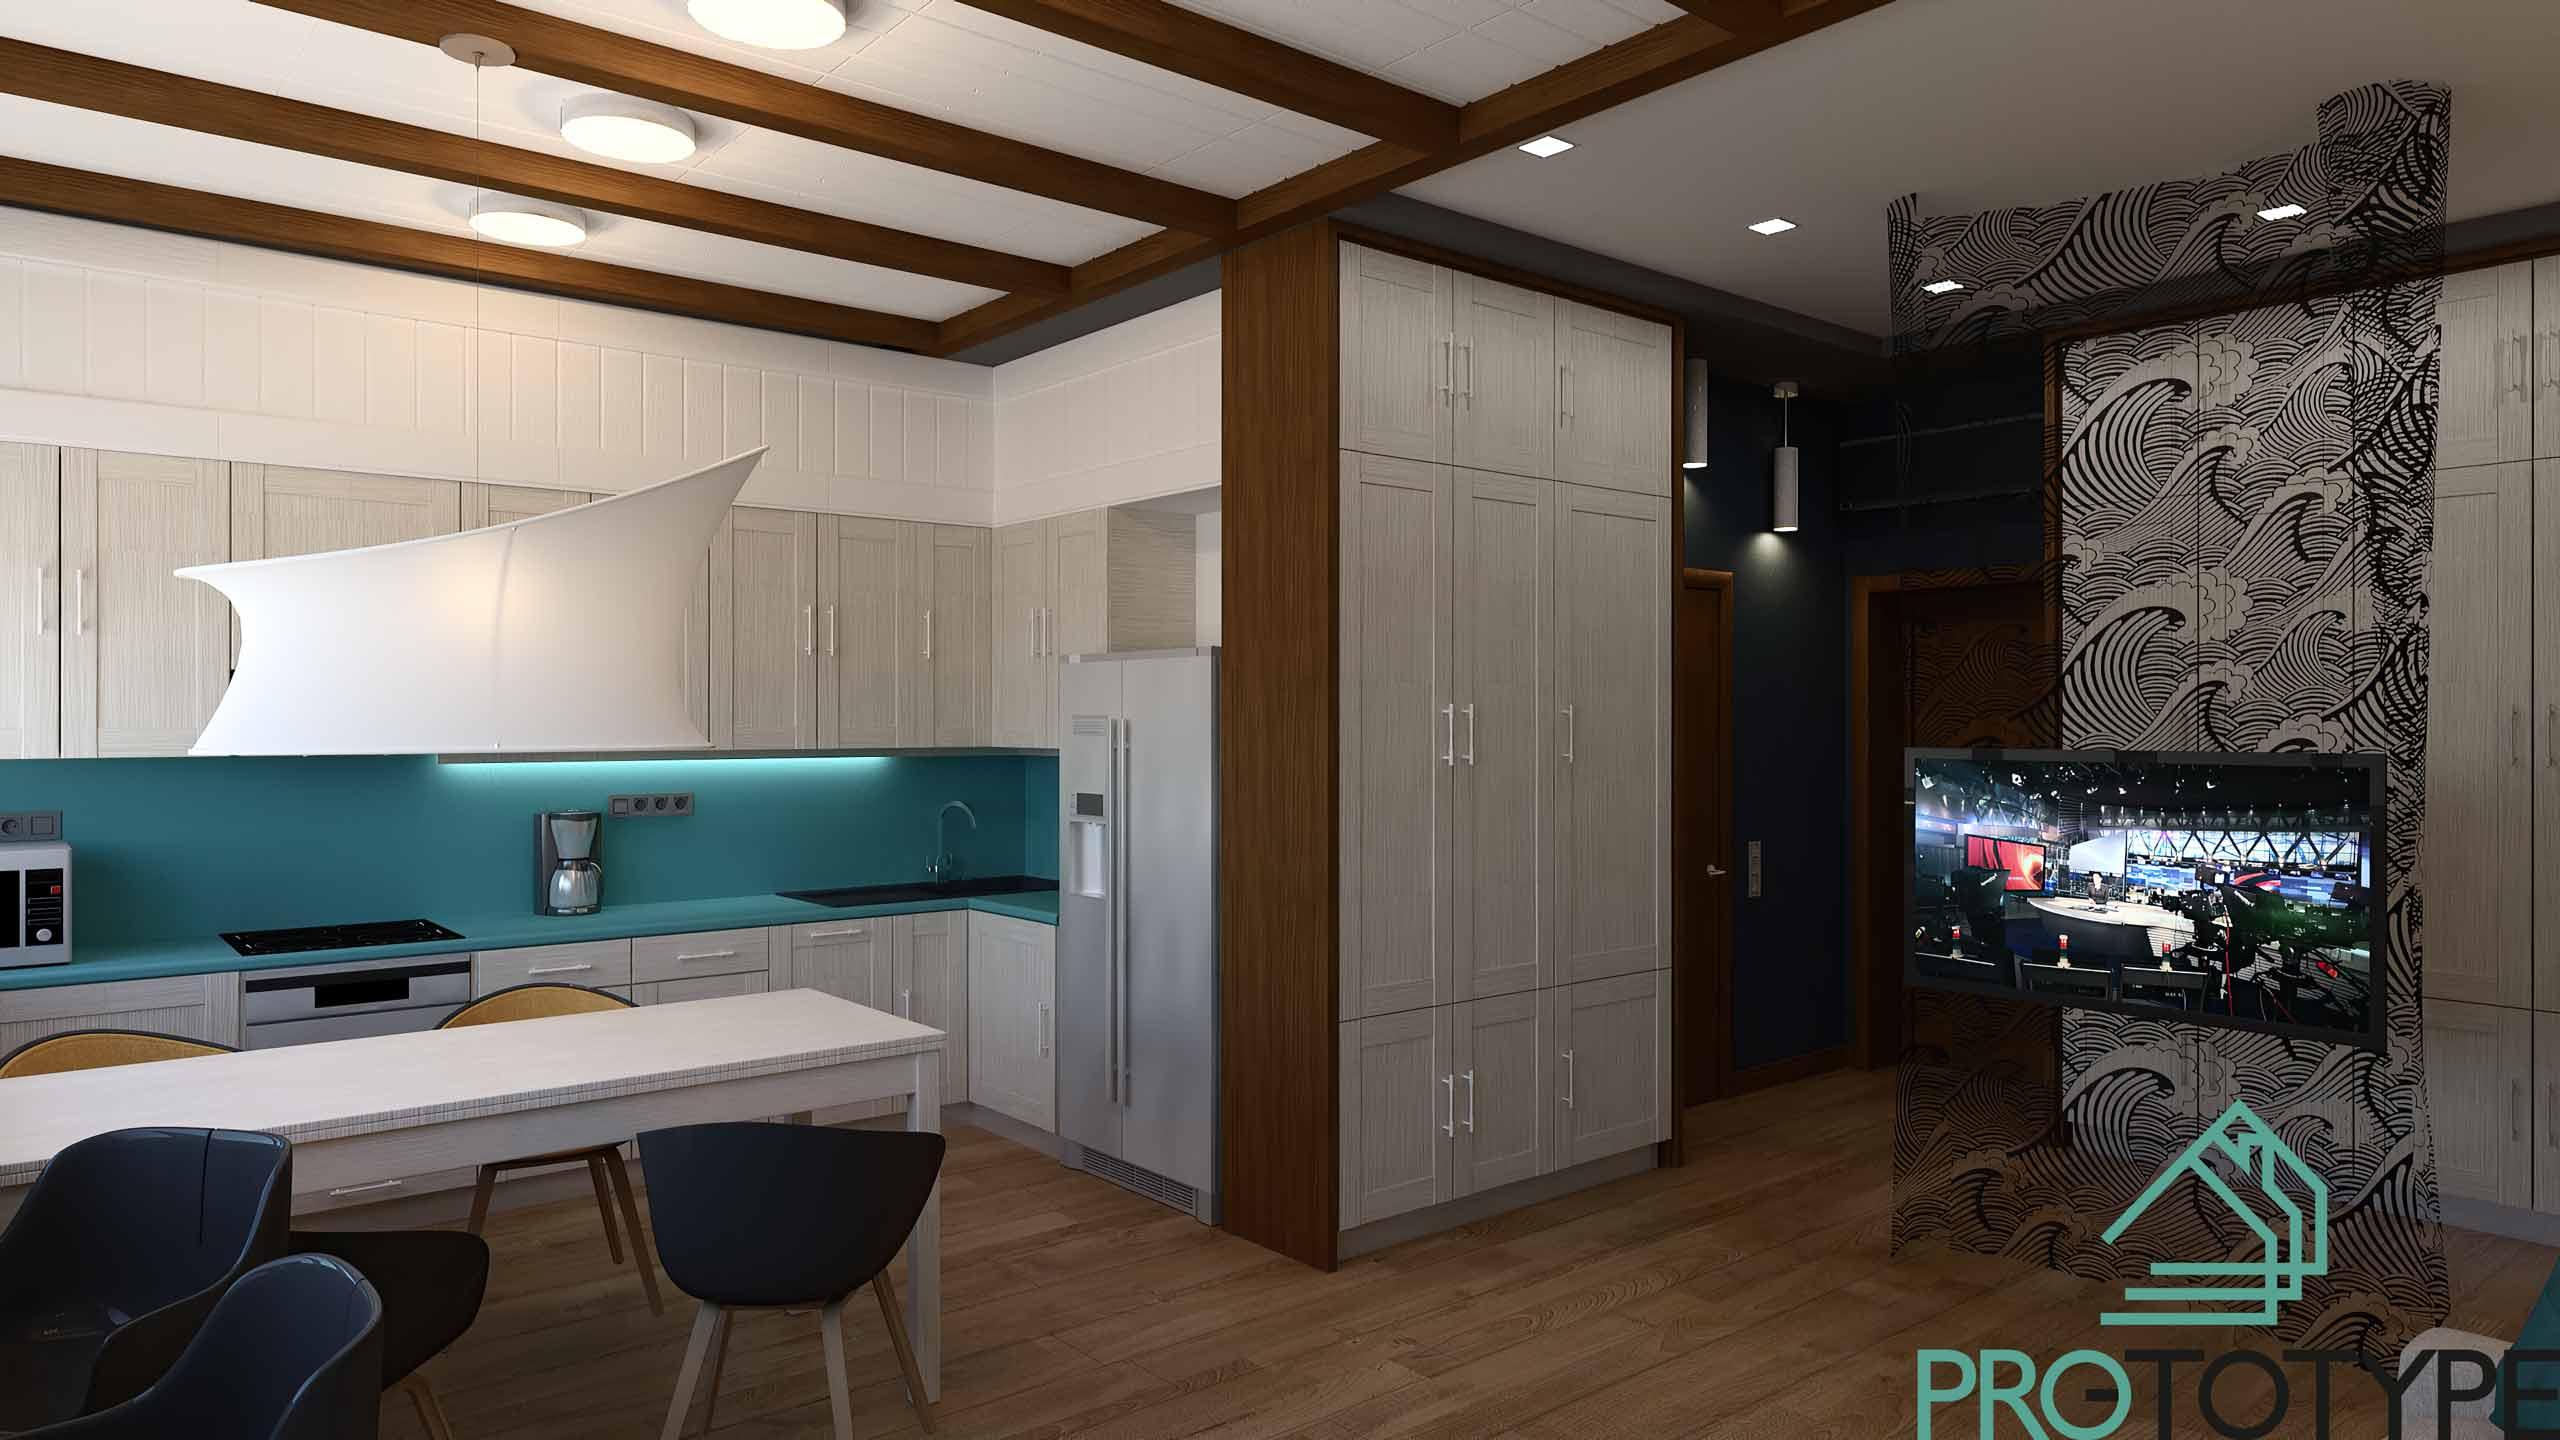 Визуализация современной квартиры с свободной планировкой